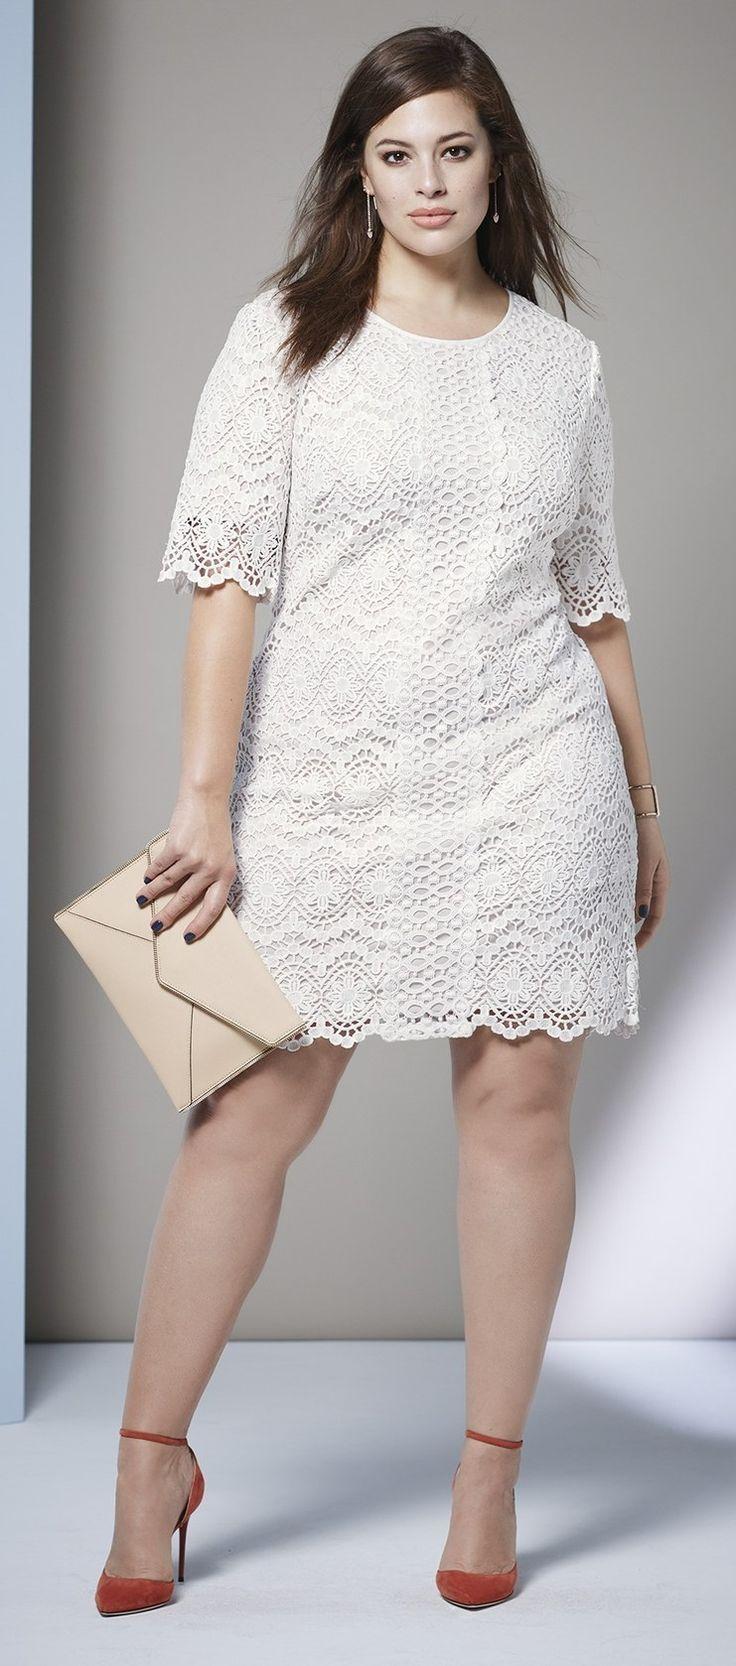 Plus Size A Line Lace Shift Dress Fatshionistas Plus Size Style